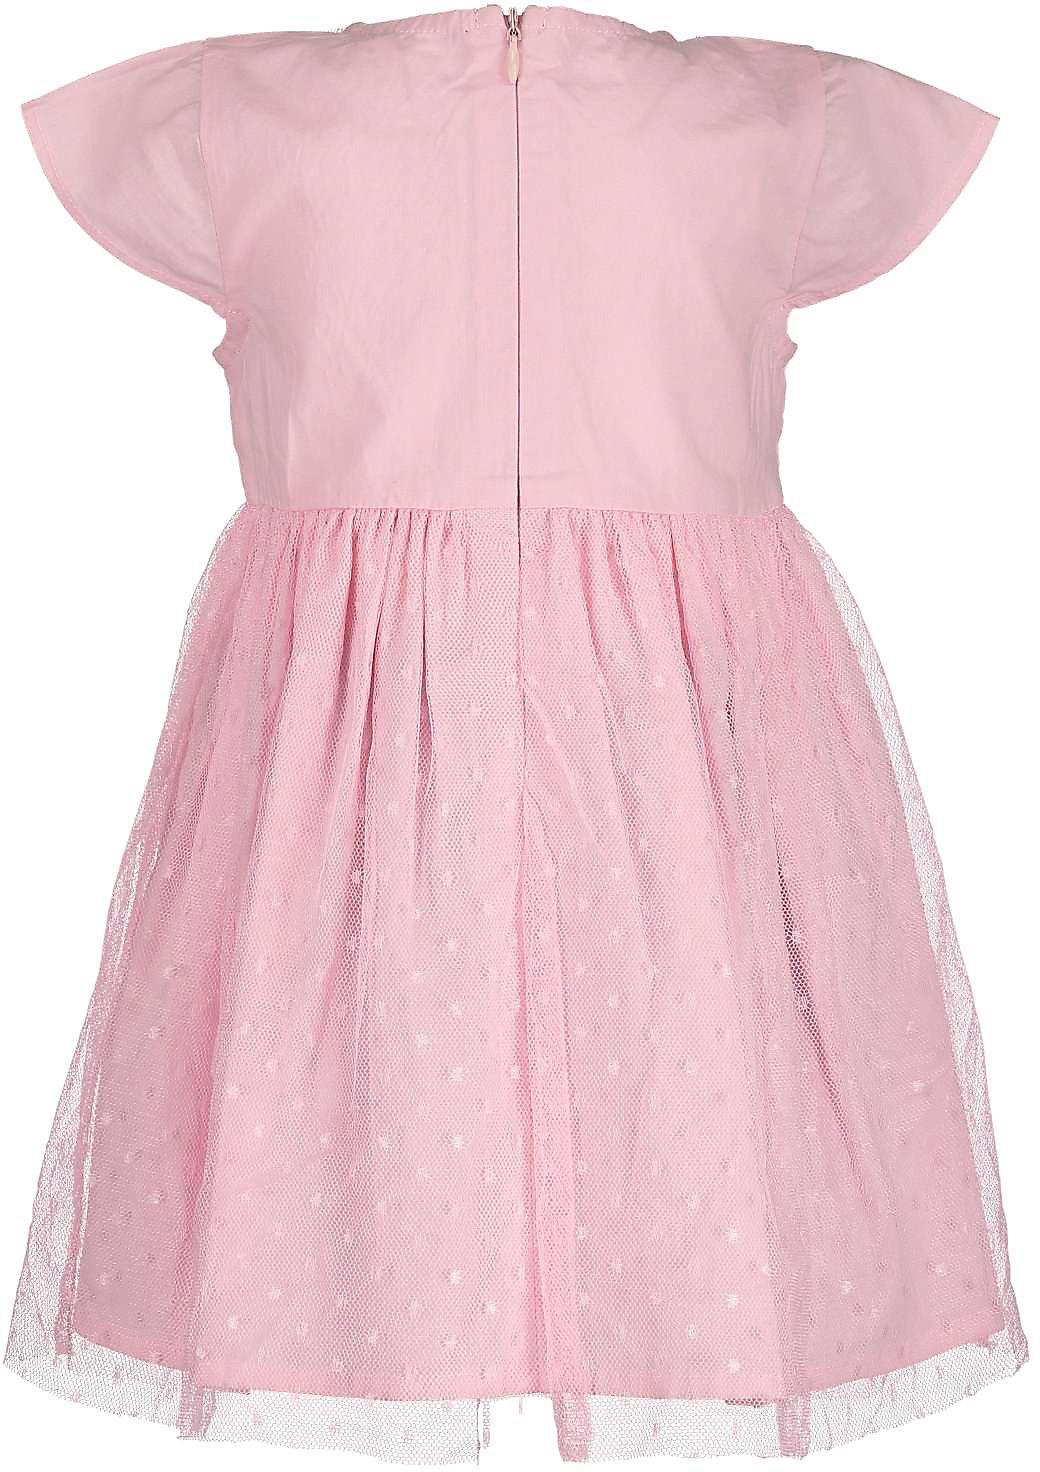 Neu BLUE SEVEN Baby Tüllkleid 10831291 für Mädchen rosa